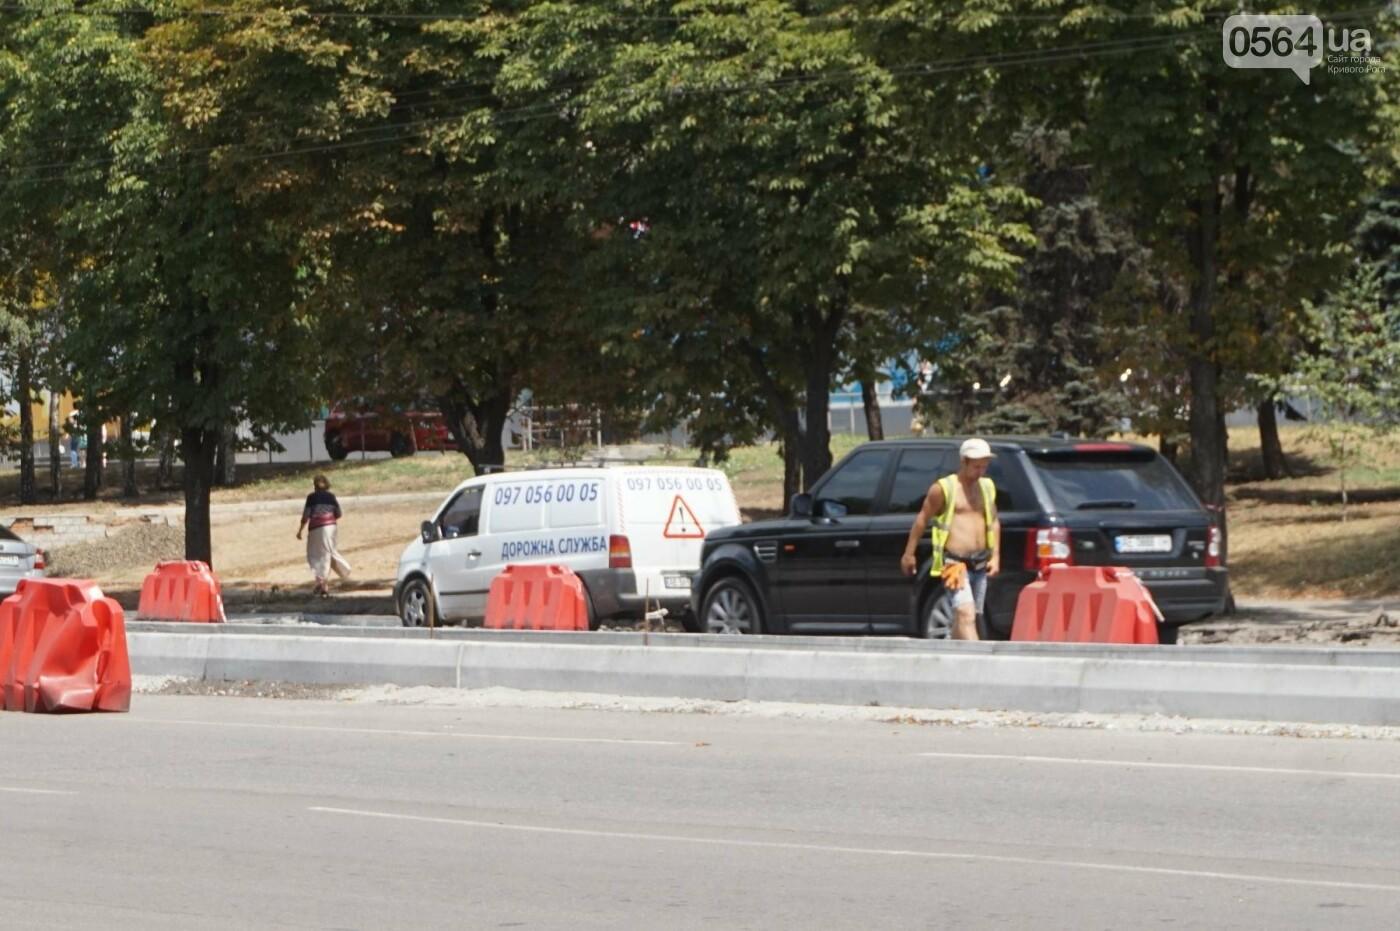 С сегодняшнего дня на центральном проспекте Кривого Рога отменены 3 остановки и запрещена парковка, - ФОТО, фото-14